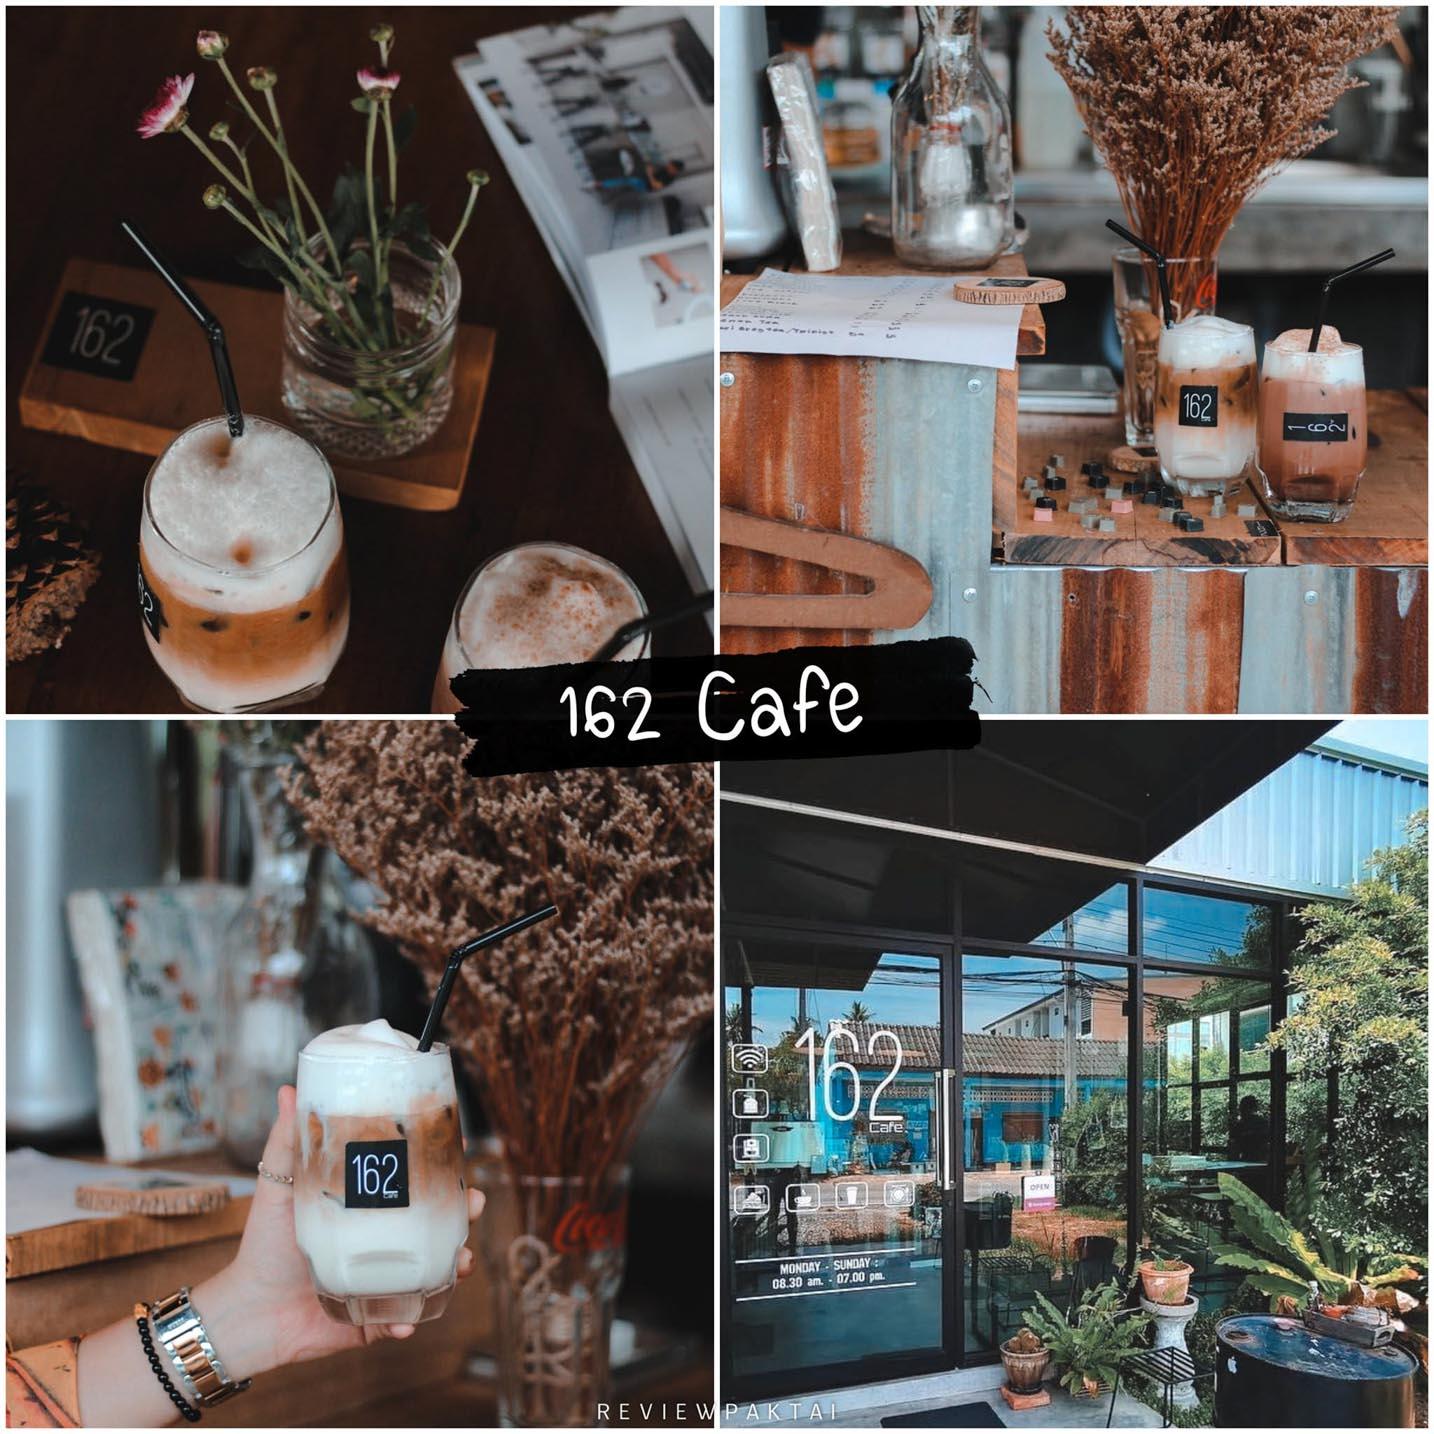 162 cafe ภูเก็ต ร้านดีร้านลับร้านเด็ดๆ อยากพักต้องร้านนี้เลย  กาแฟหอมมมม ทั้งร้อนและเย็น บรรยากาศดีไม่มาไม่ได้แล้ว เด็ดและดีมาภูเก็ตอย่าลืม